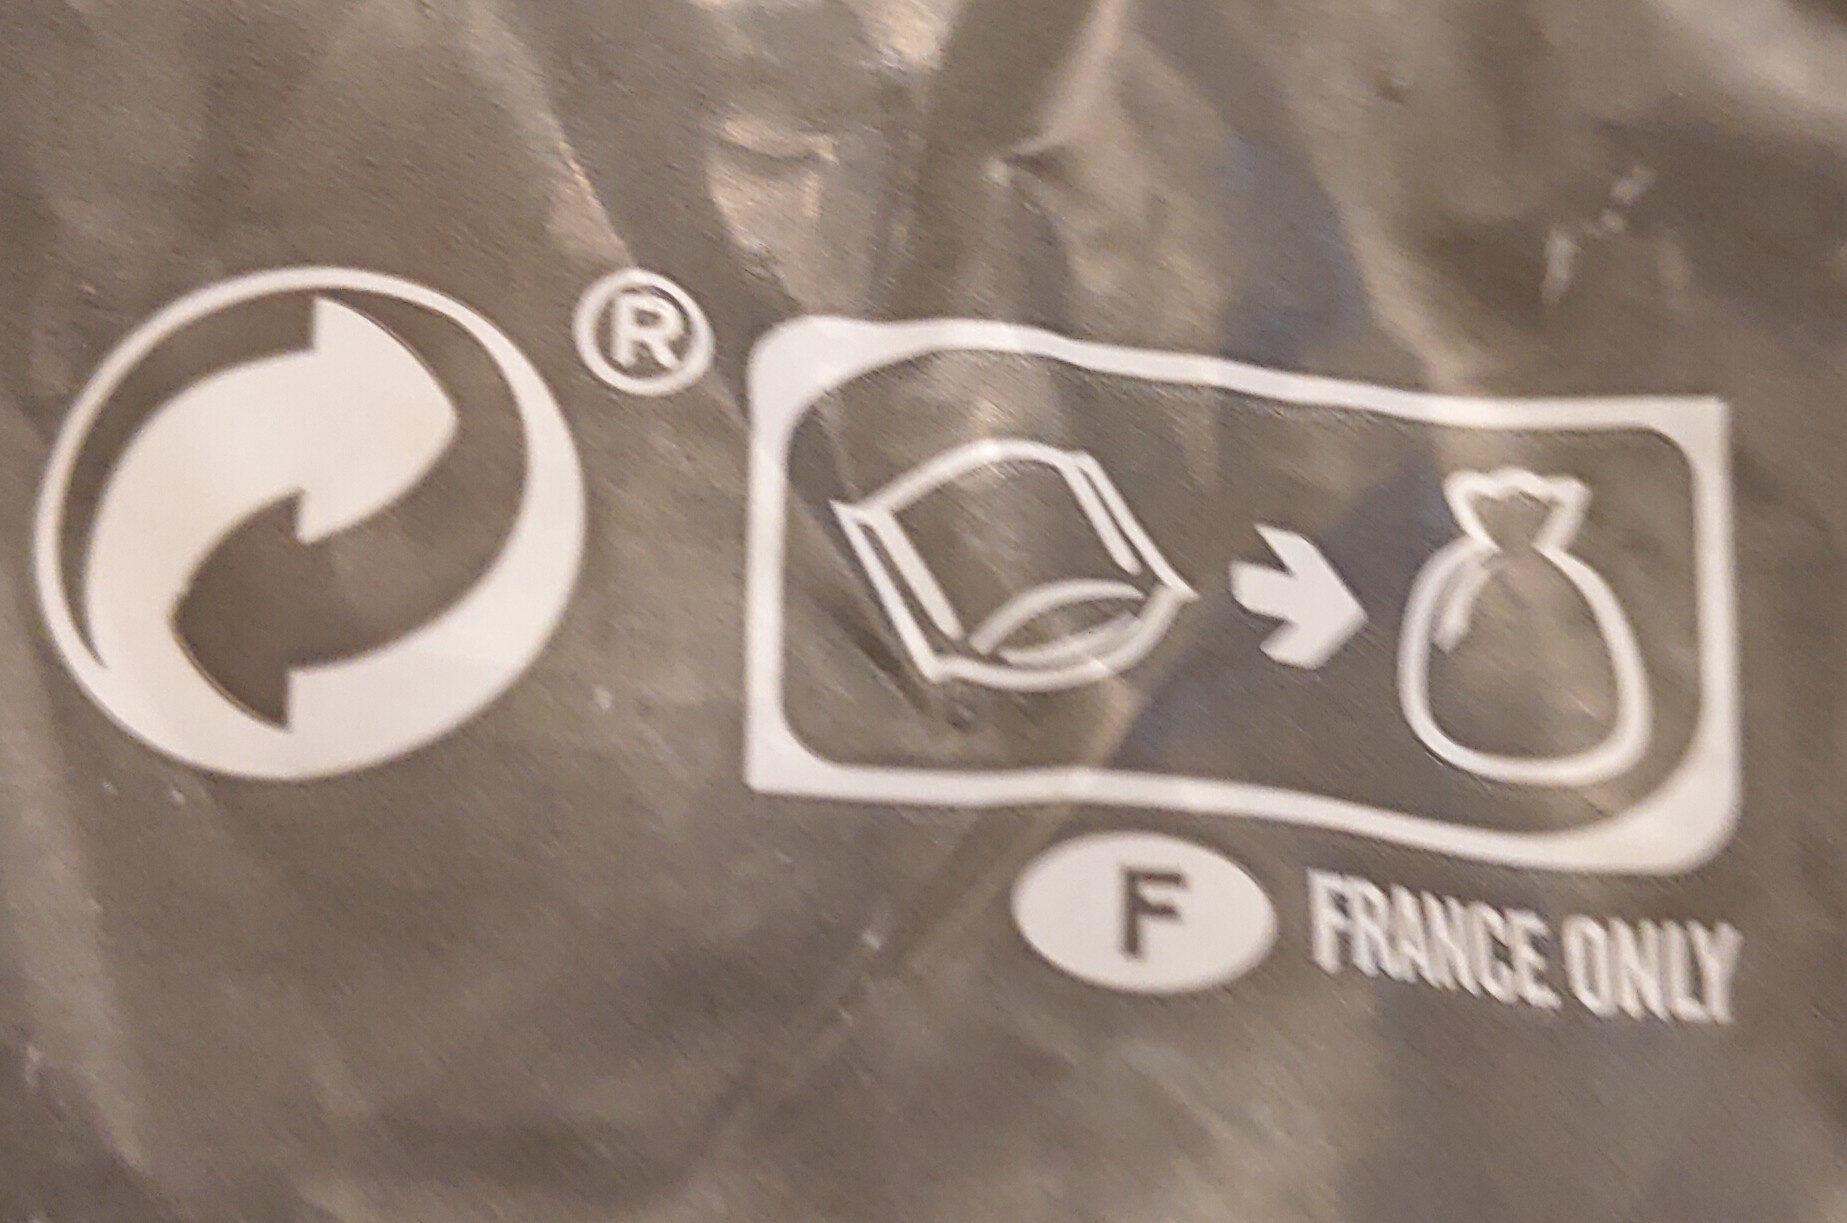 Ratatouille cuisinée - Istruzioni per il riciclaggio e/o informazioni sull'imballaggio - fr